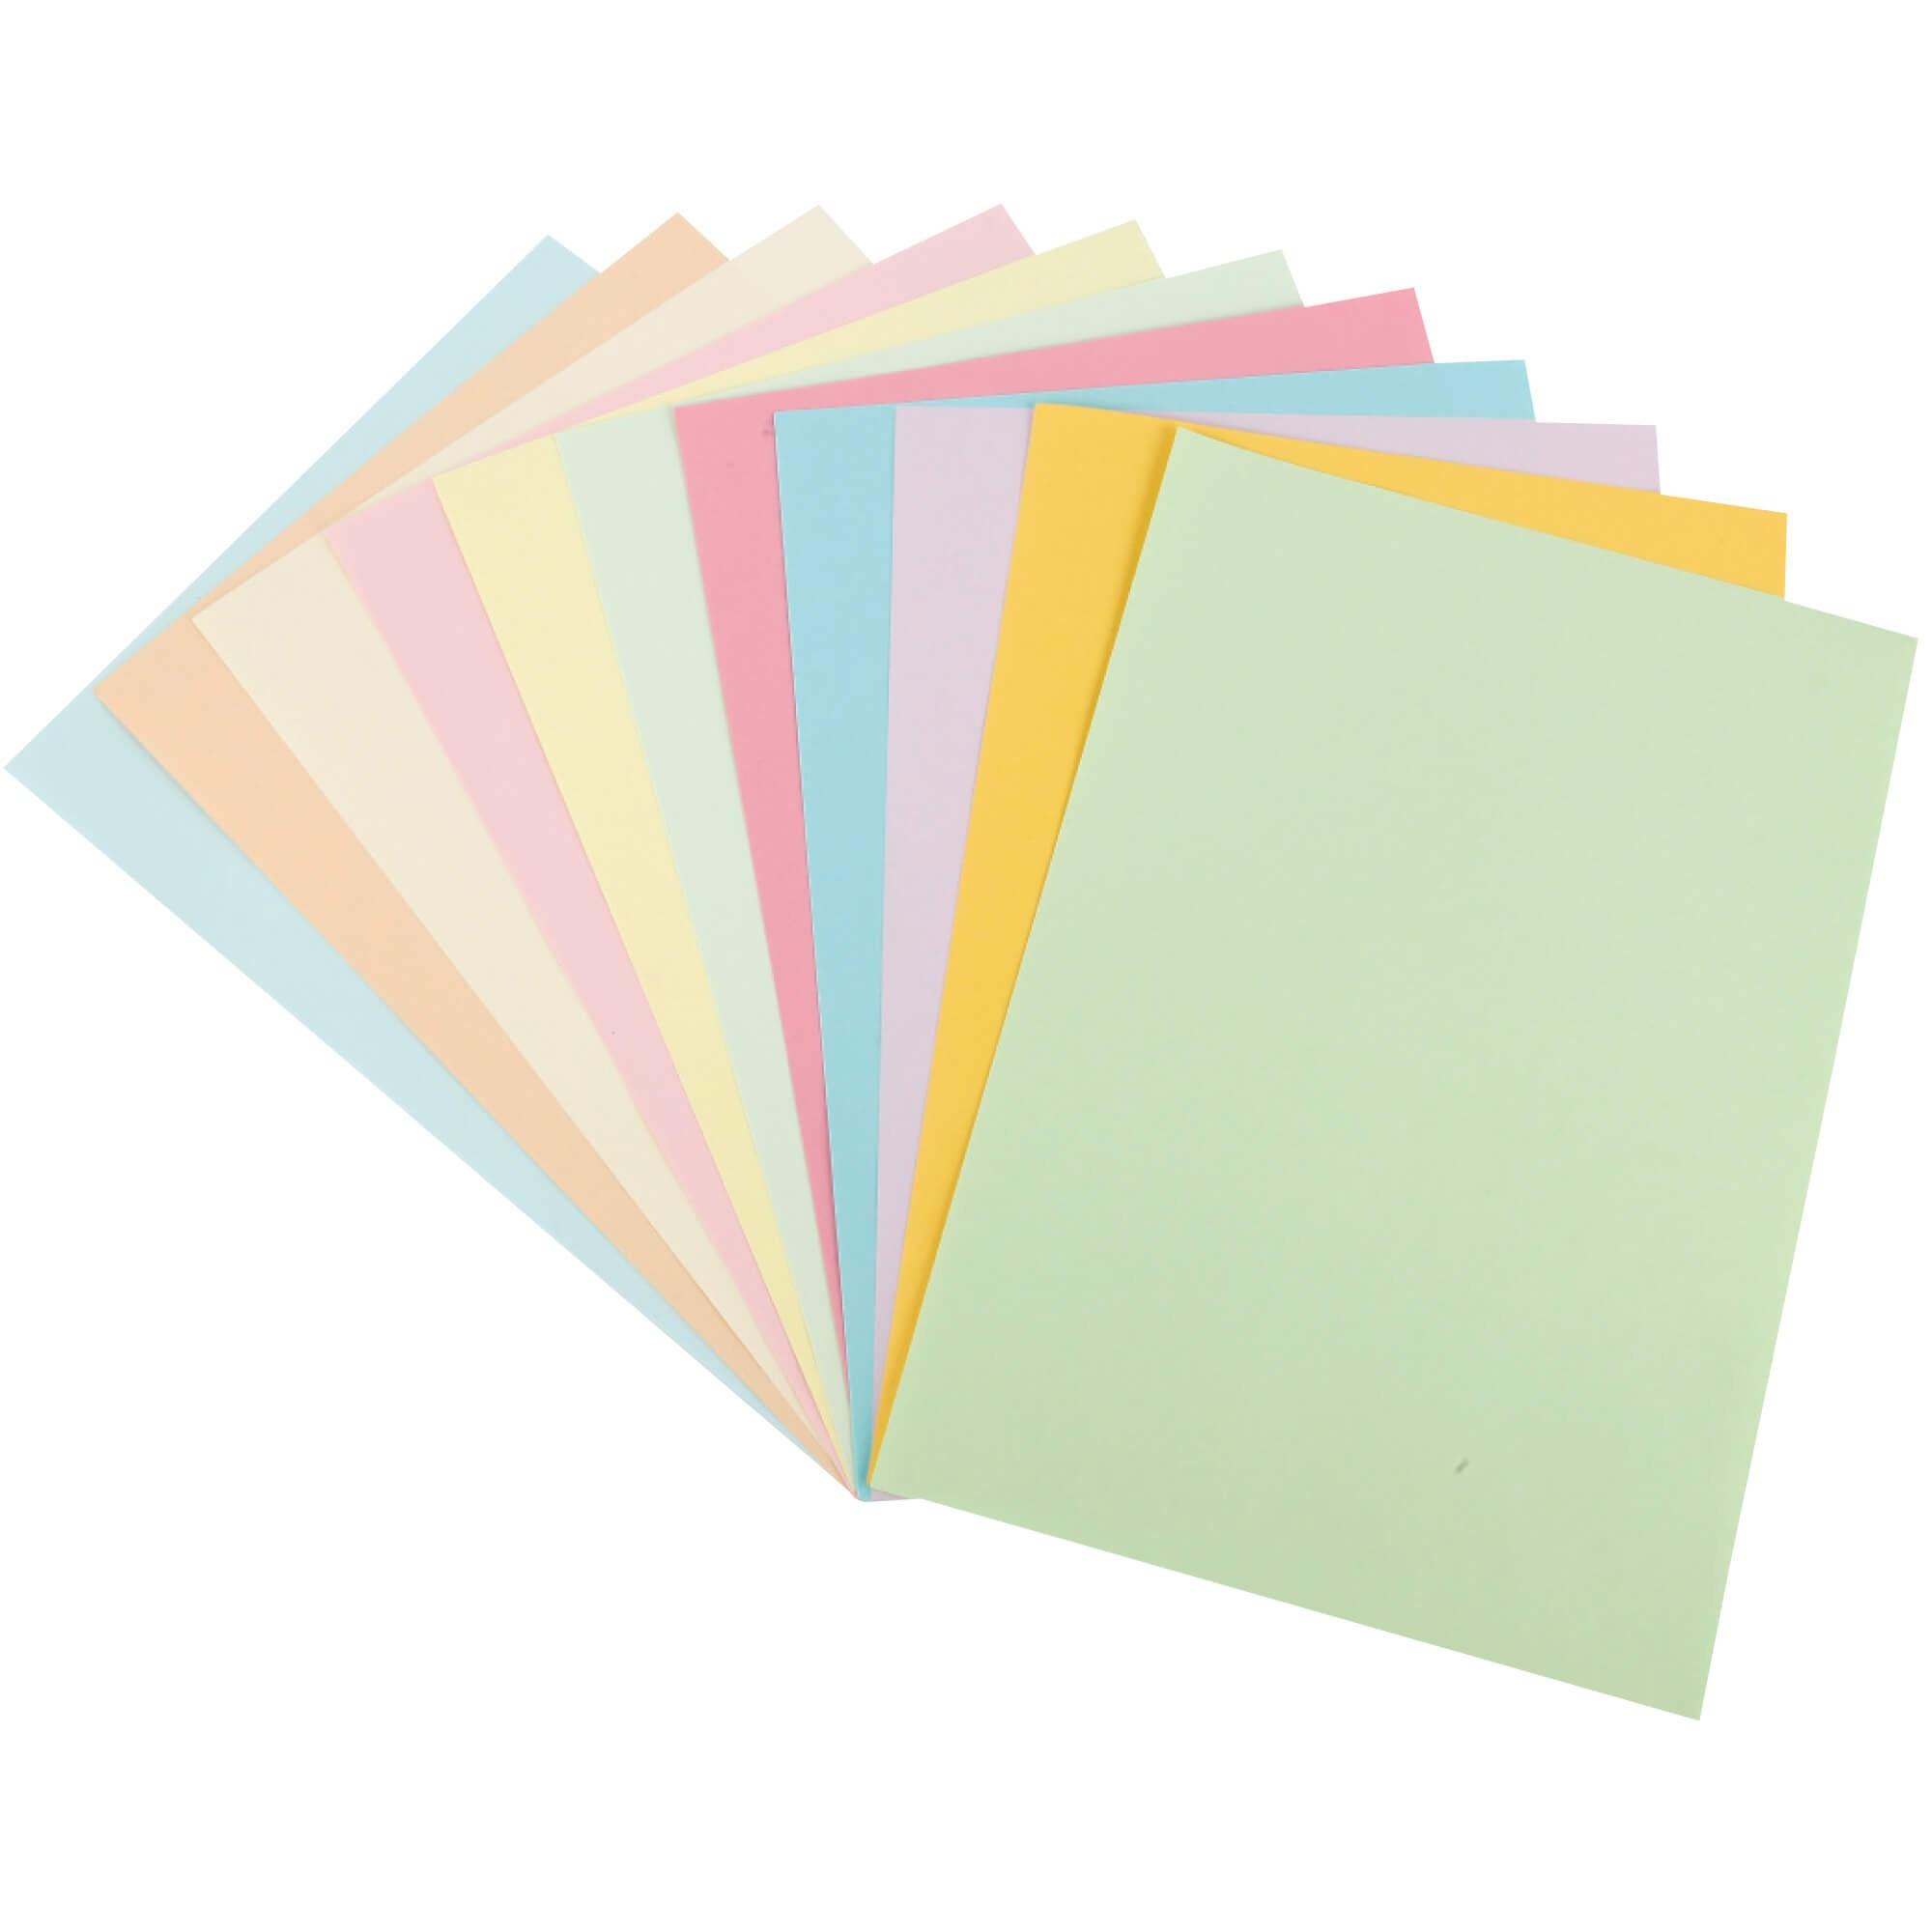 กระดาษการ์ดสี Venus สีเขียว A4 / 120 แกรม